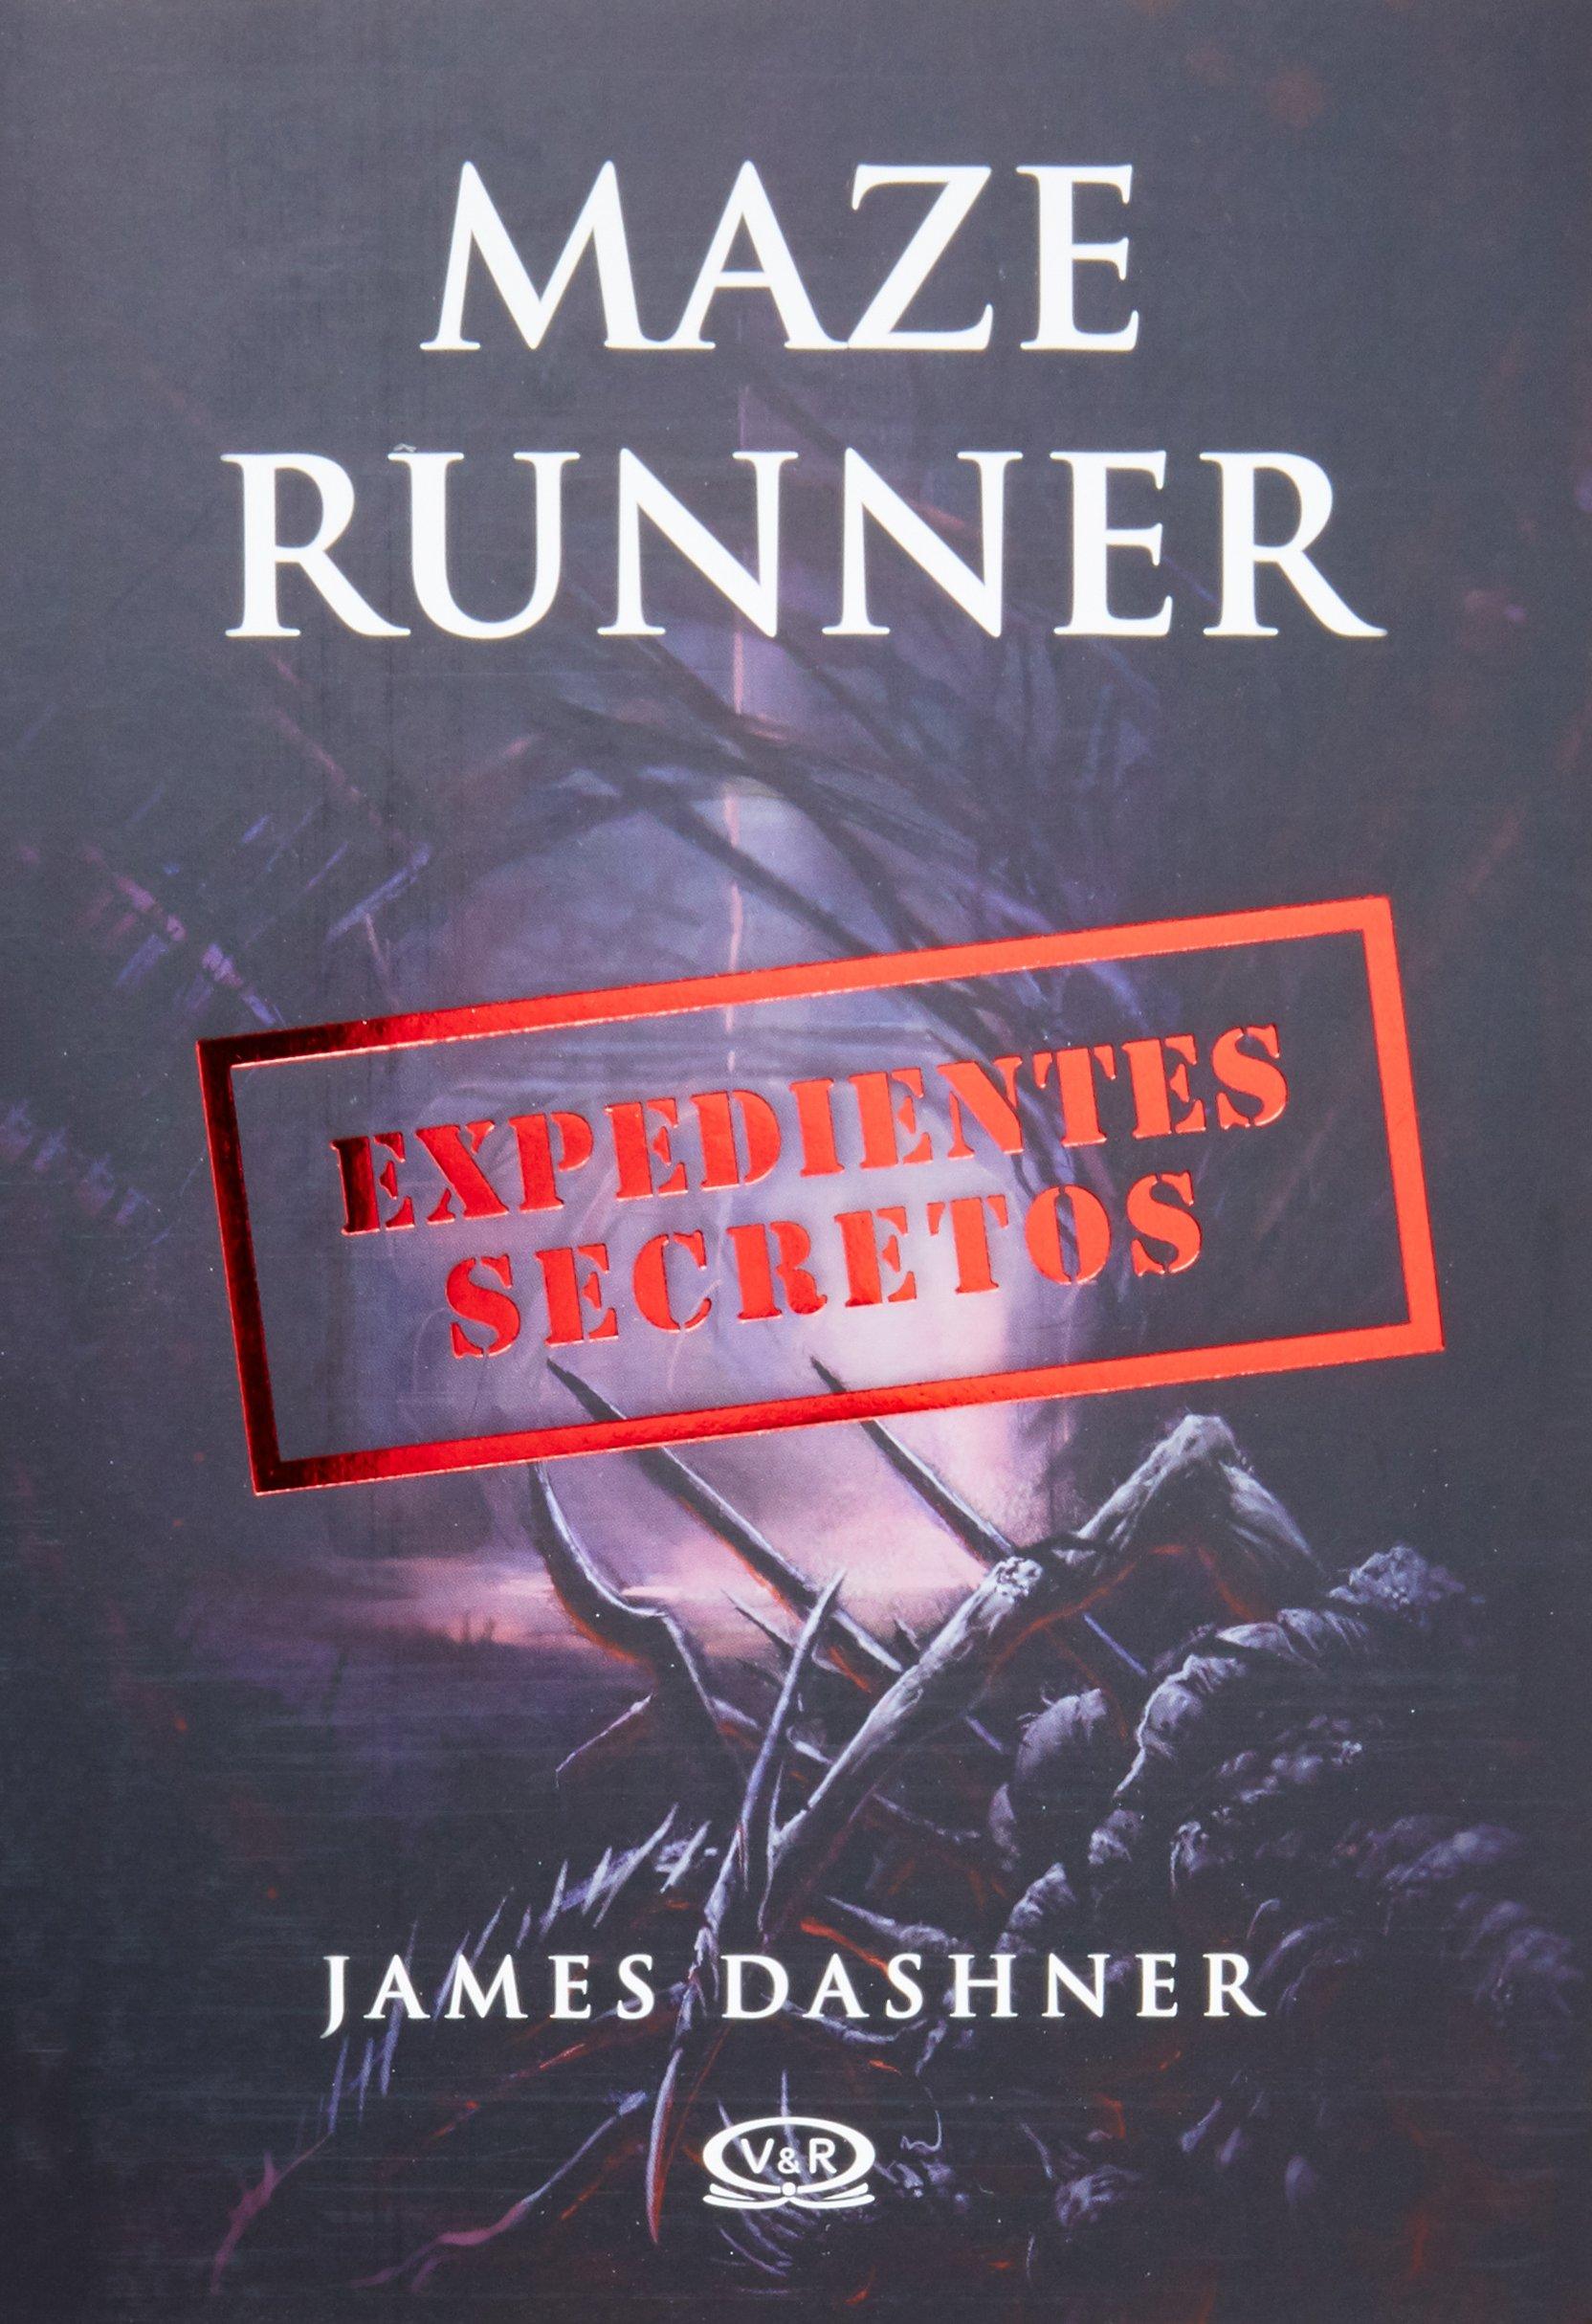 Maze runner expedientes secretos spanish edition james dashner maze runner expedientes secretos spanish edition james dashner vr 9789876127424 amazon books fandeluxe Images